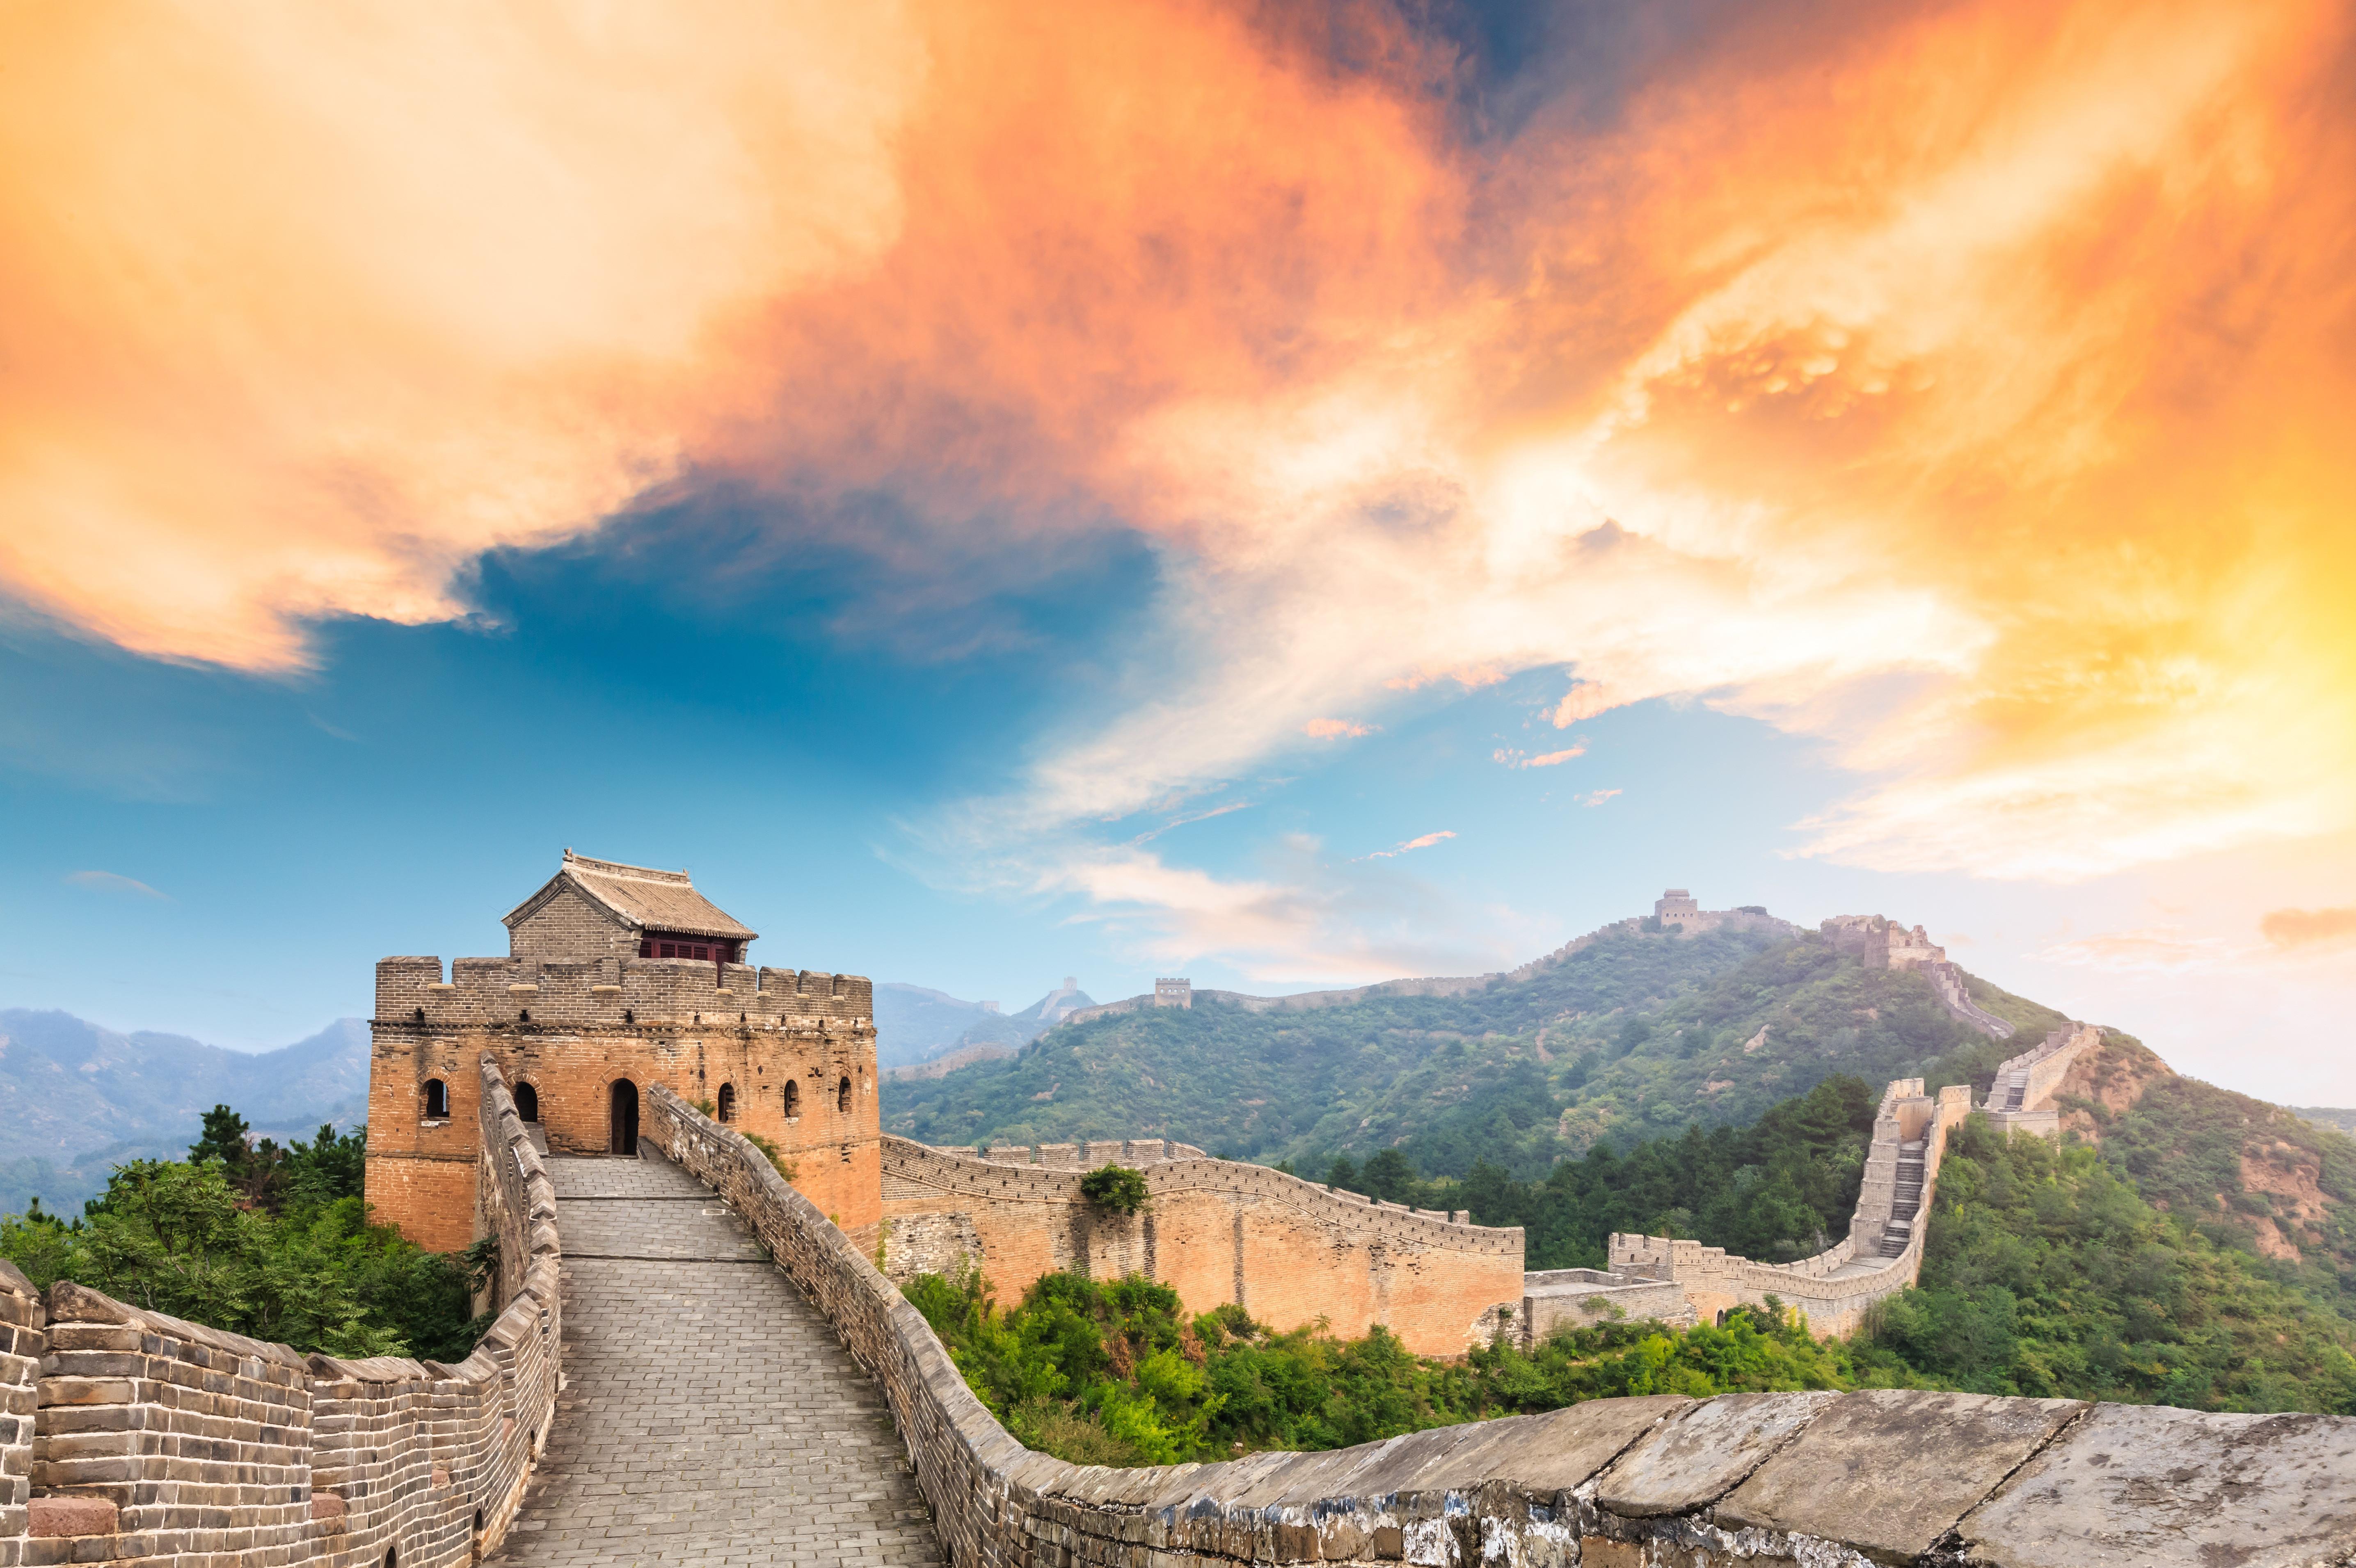 北京长城定陵奥林匹克公园1日当地游五环内免费接、含午餐、爬长城做好汉、探秘地下宫殿、外观鸟巢水立方